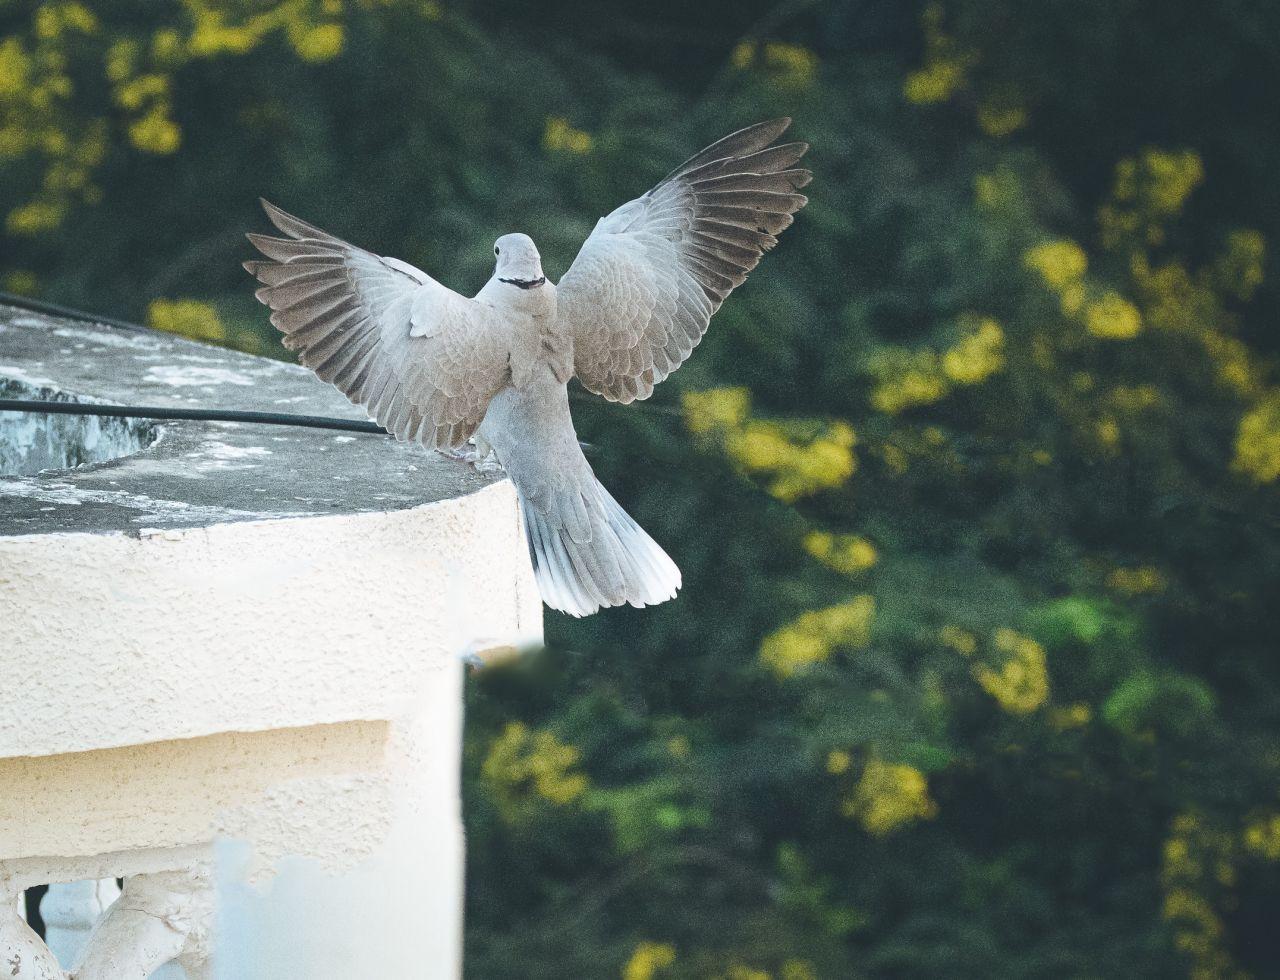 İstanbul'da 'Batı Nil Virüsü' tespit edildi: 'Ölü kuşlara dokunup ellerini ağızlarına götürmesinler' - Sayfa 2